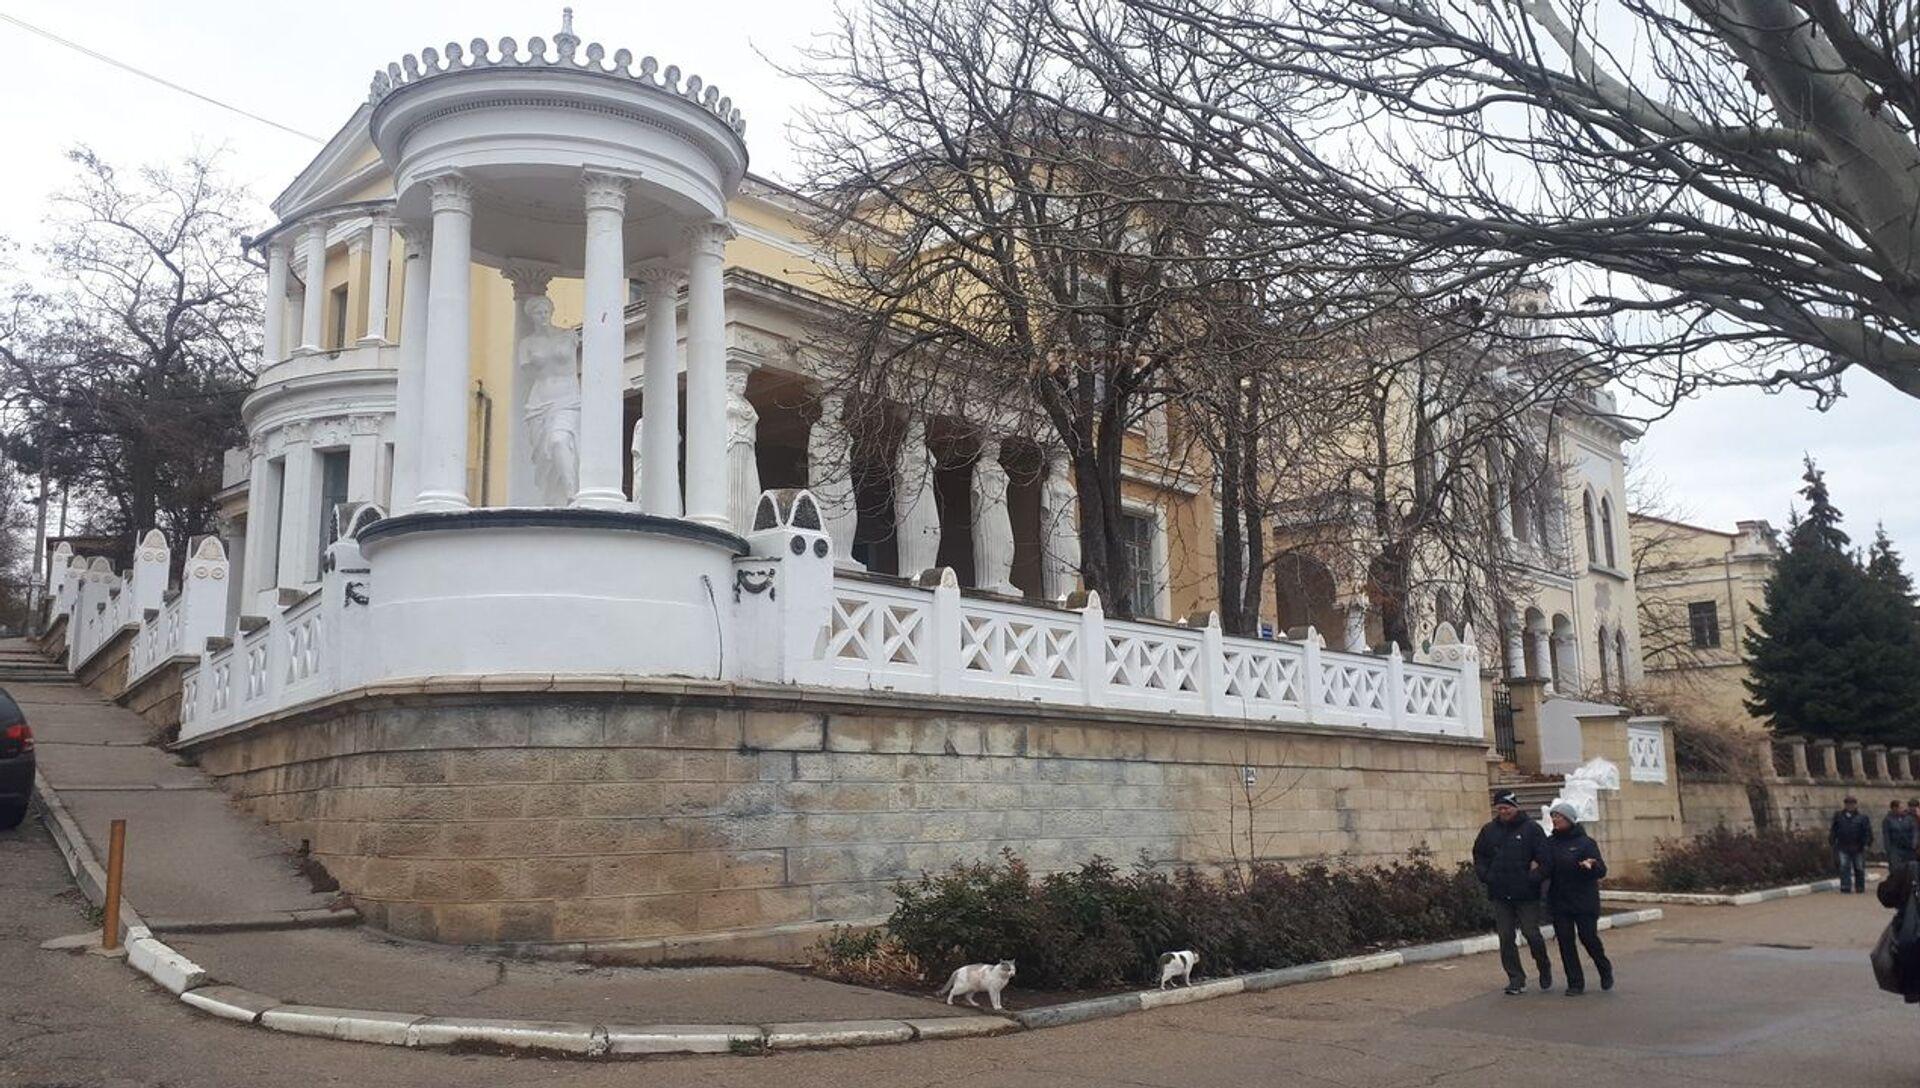 Дача Милос на набережной Феодосии - РИА Новости, 1920, 21.01.2020